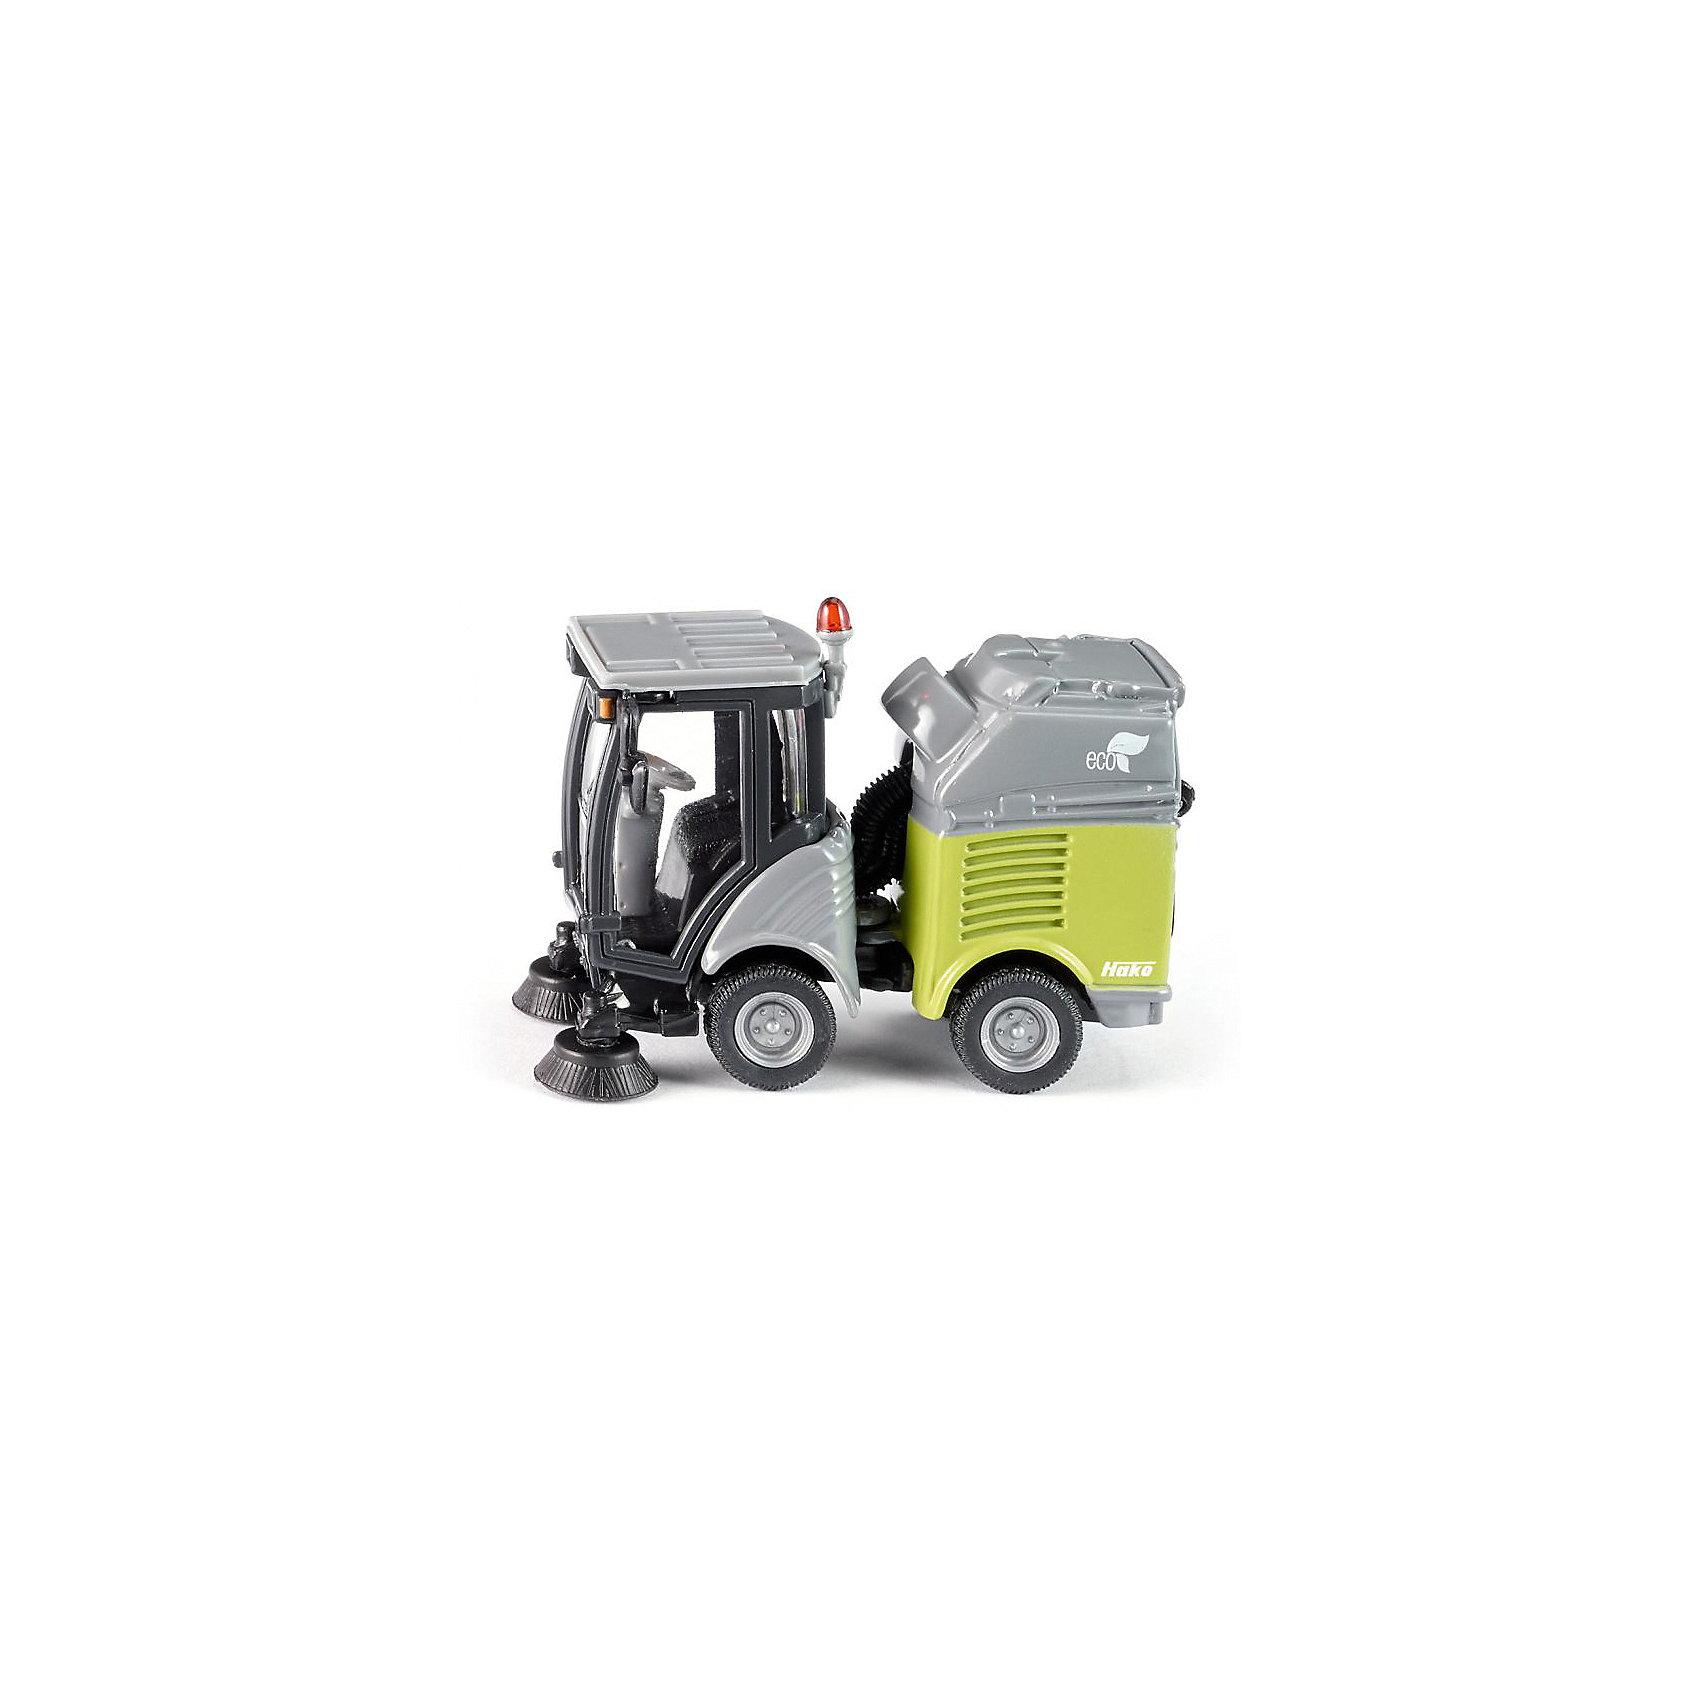 Моющая машина, SIKUКоллекционные модели<br>Моющая машина, SIKU (СИКУ)-игрушечная модель, выполненная в масштабе 1:50.<br><br>Машинка имеет металлический корпус, пластмассовую кабину и резиновые колеса, которые вращаются. Задняя часть машины поворачивается, а имеющийся контейнер для мусора можно вынуть. <br><br>Дополнительная информация:<br>-Материал: металл с элементами пластмассы<br>-Размер игрушки: 6,3 x 3,0 x 4,4 см<br>-масштаб 1:50<br><br>Игра с моделями транспортных средств от SIKU (СИКУ) развивает воображение, мышление, память, мелкую моторику рук и координацию движений детей.<br><br>Моющую машину, SIKU (СИКУ) можно купить в нашем магазине.<br><br>Ширина мм: 104<br>Глубина мм: 66<br>Высота мм: 43<br>Вес г: 84<br>Возраст от месяцев: 36<br>Возраст до месяцев: 96<br>Пол: Мужской<br>Возраст: Детский<br>SKU: 1503811